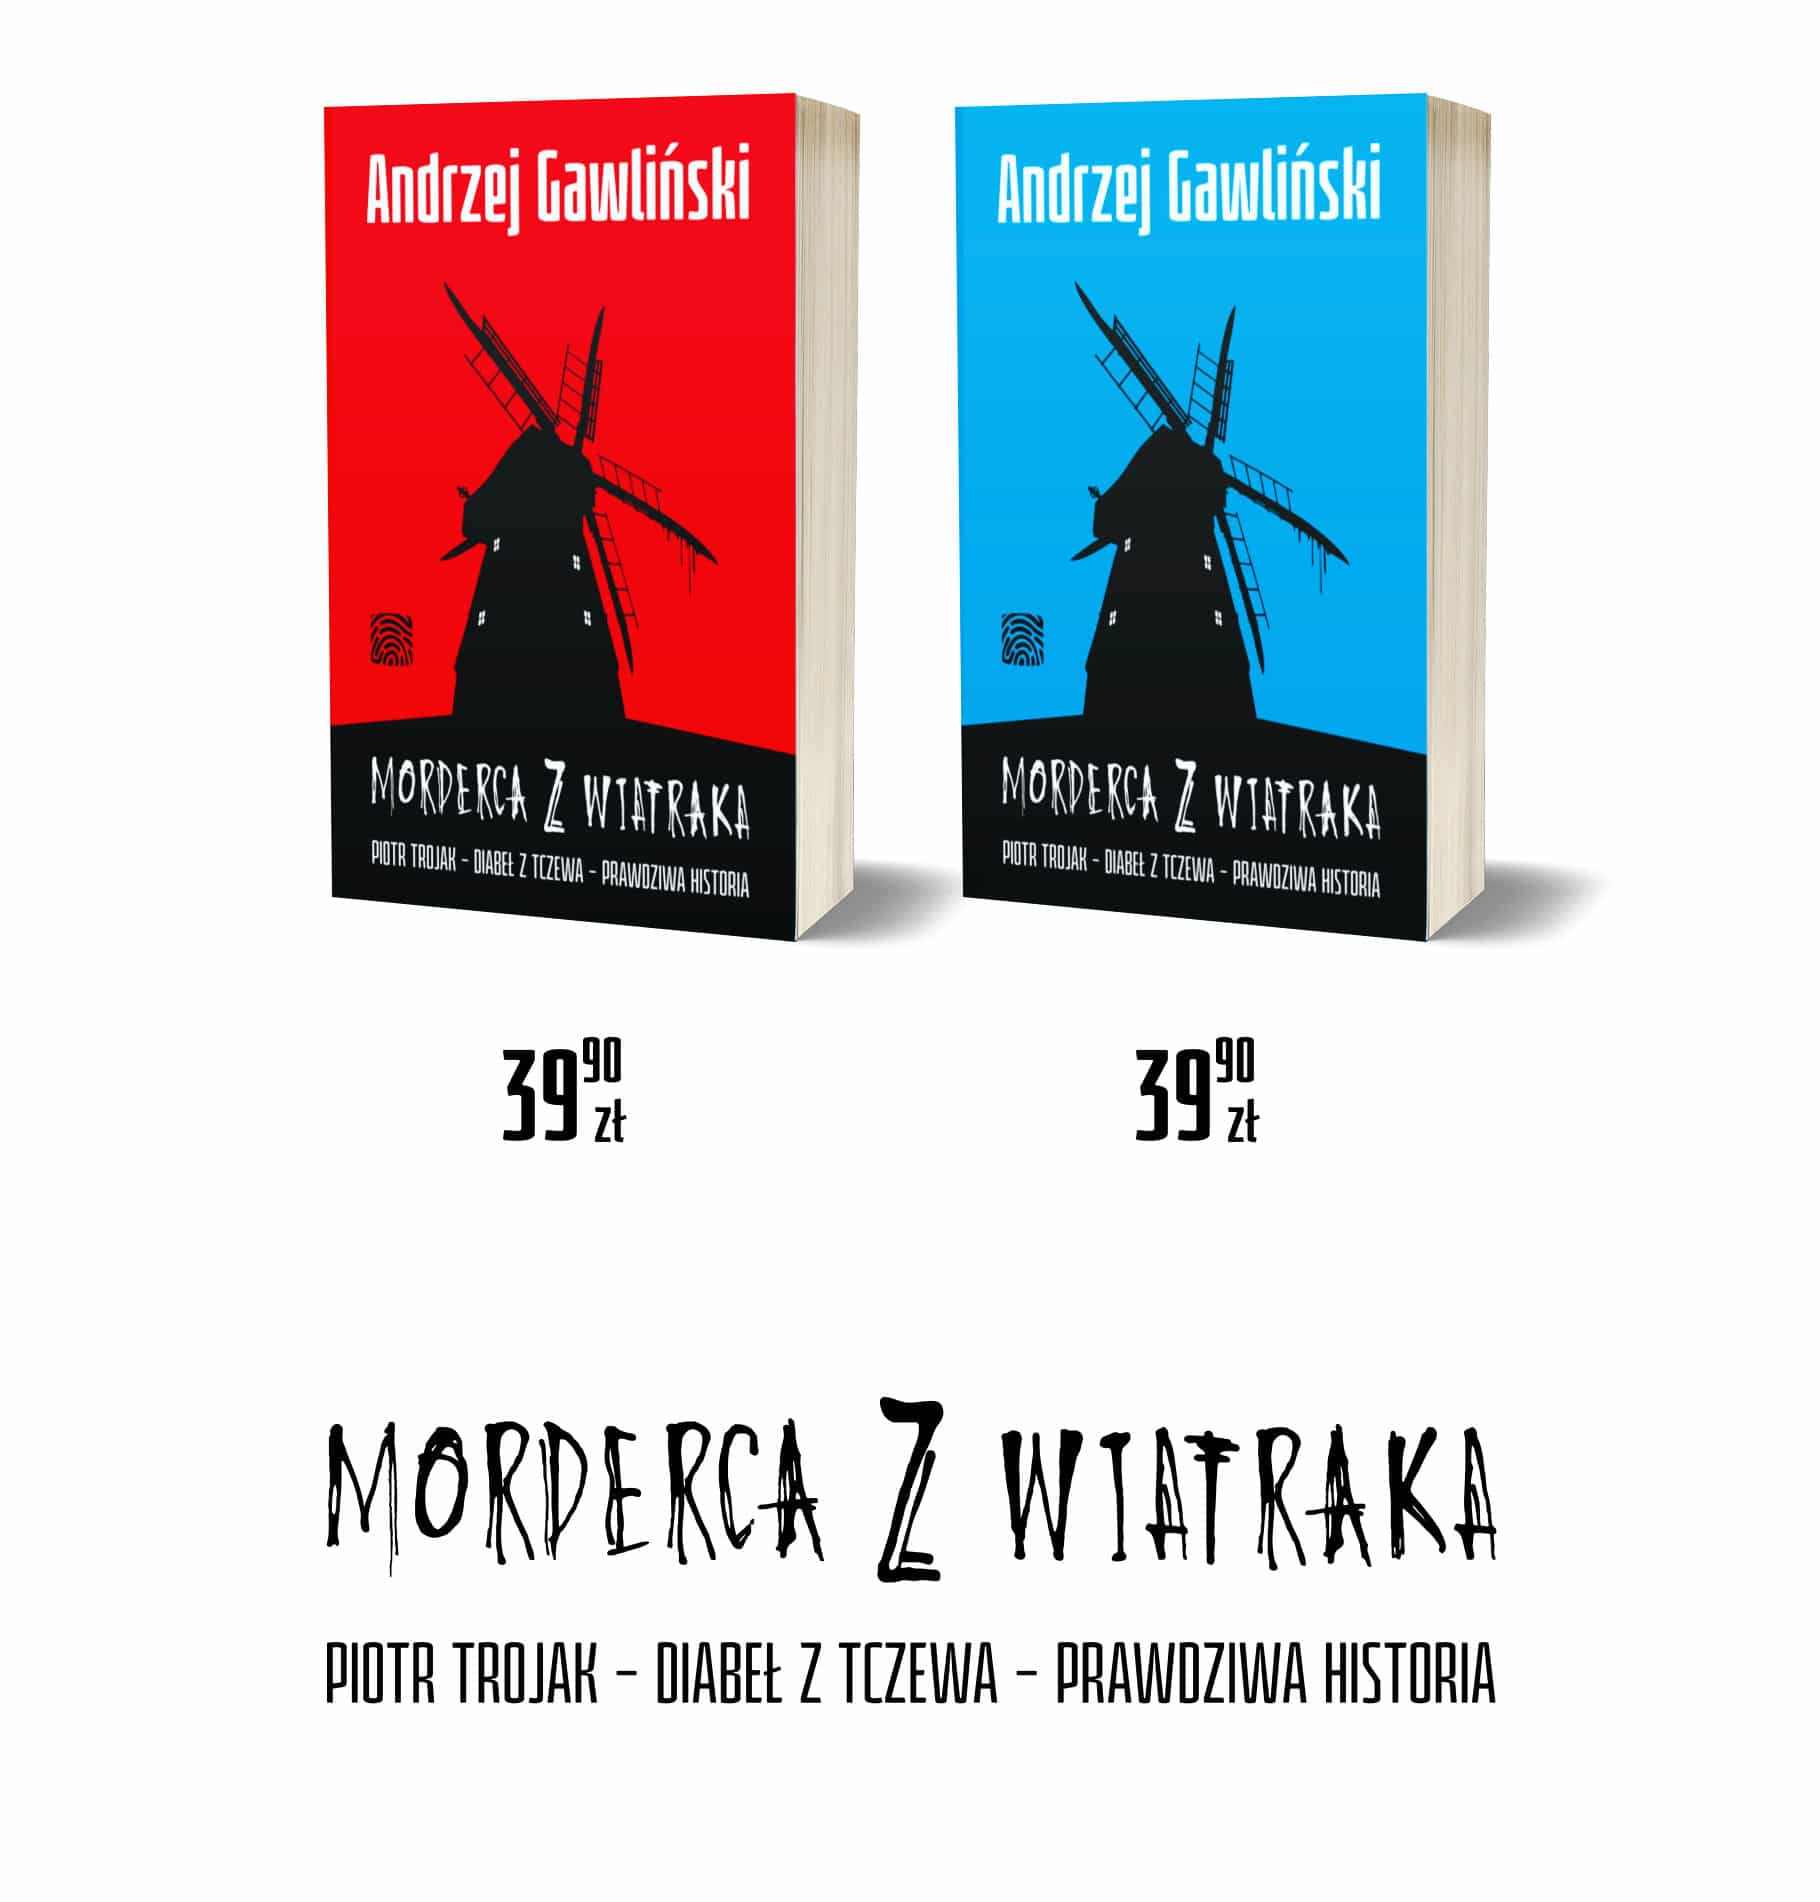 Morderca z wiatraka - 2 wersje - tytul i ksiazki